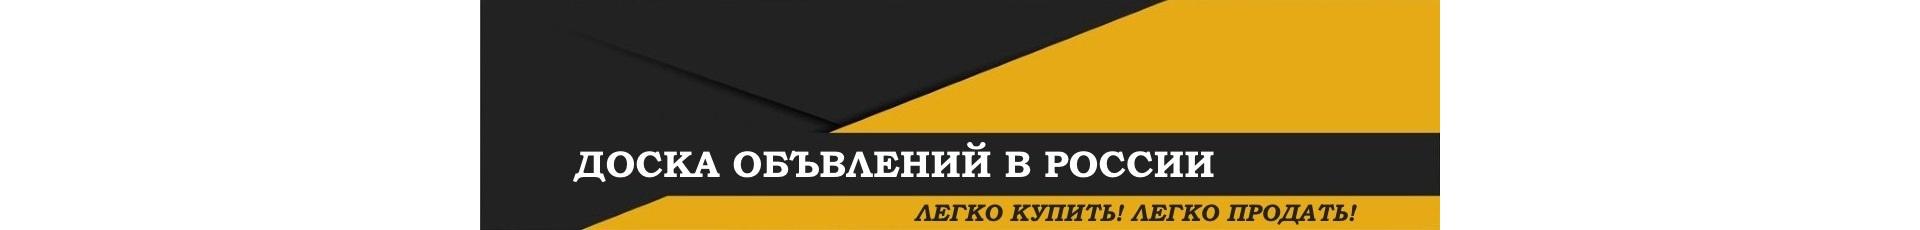 Объявления в России — YouTube Video